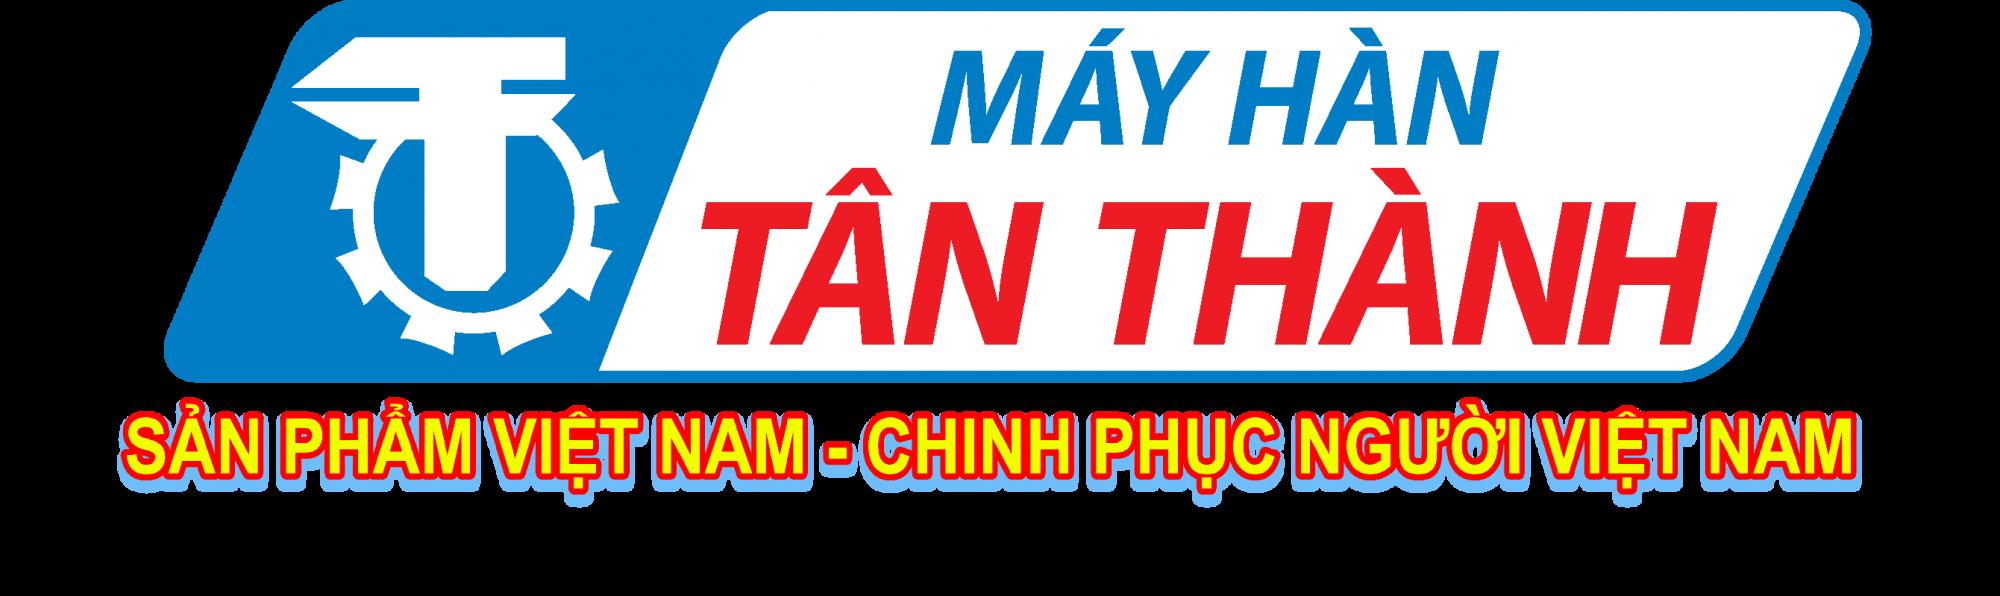 Logo Tân Thành